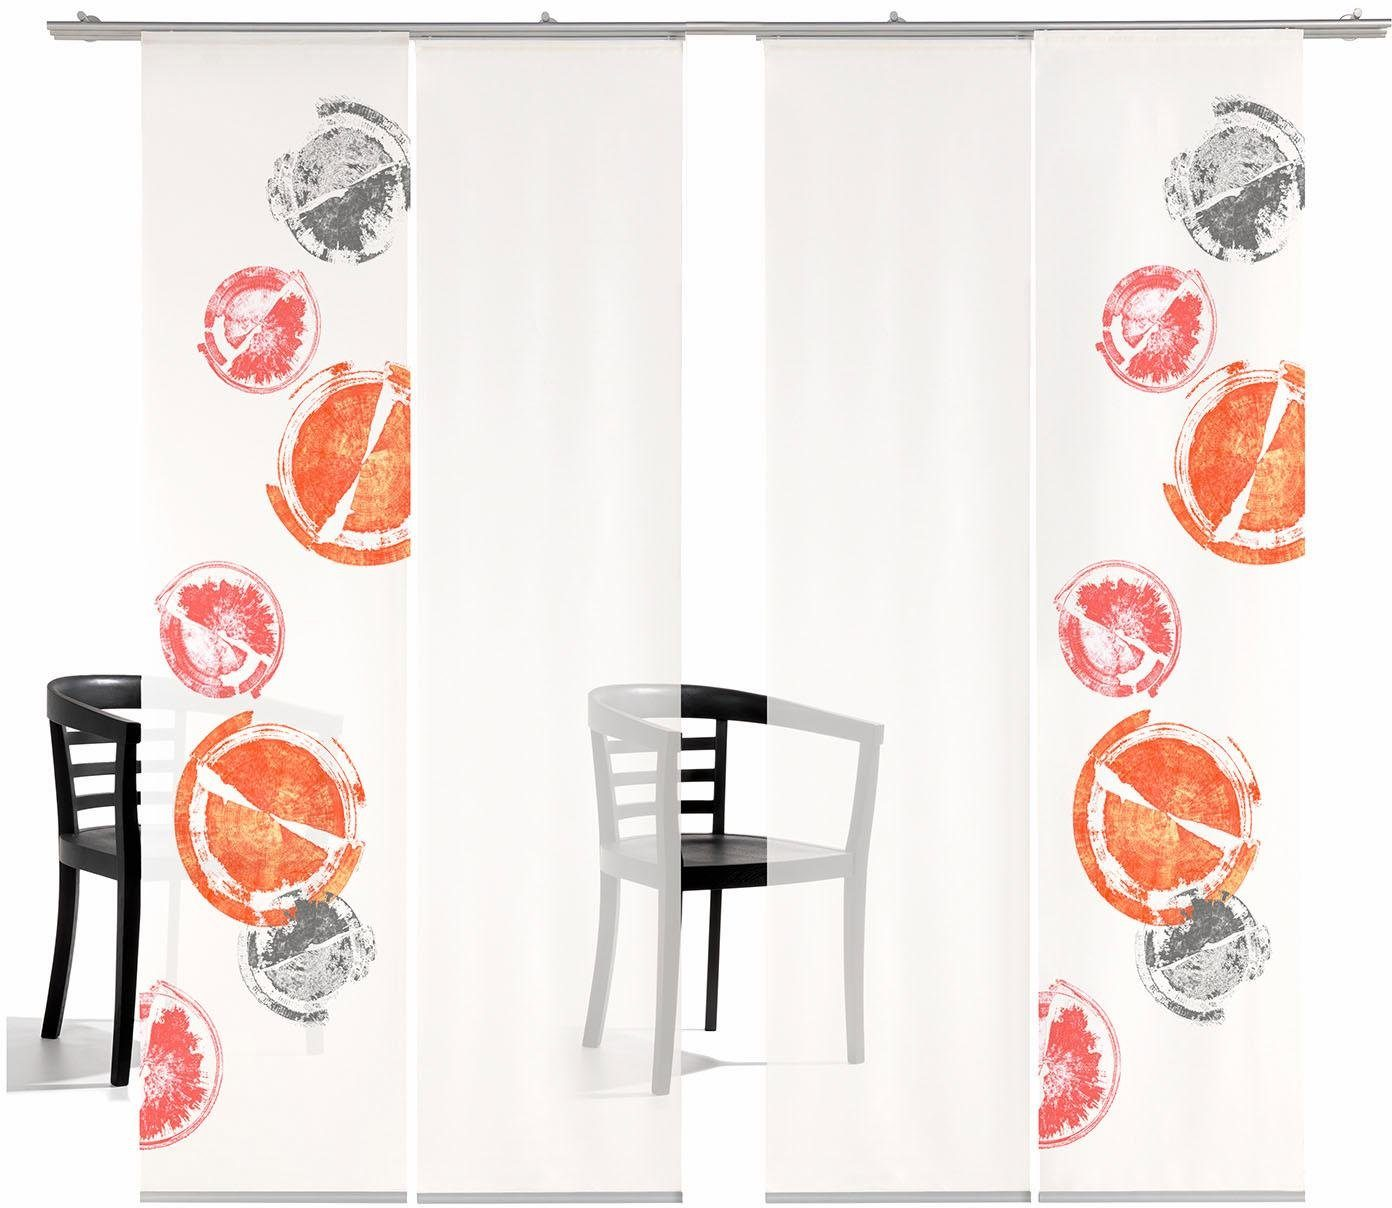 Schiebegardine »Rondo TR«, emotion textiles, Klettband (4 Stück), inkl. Befestigungszubehör